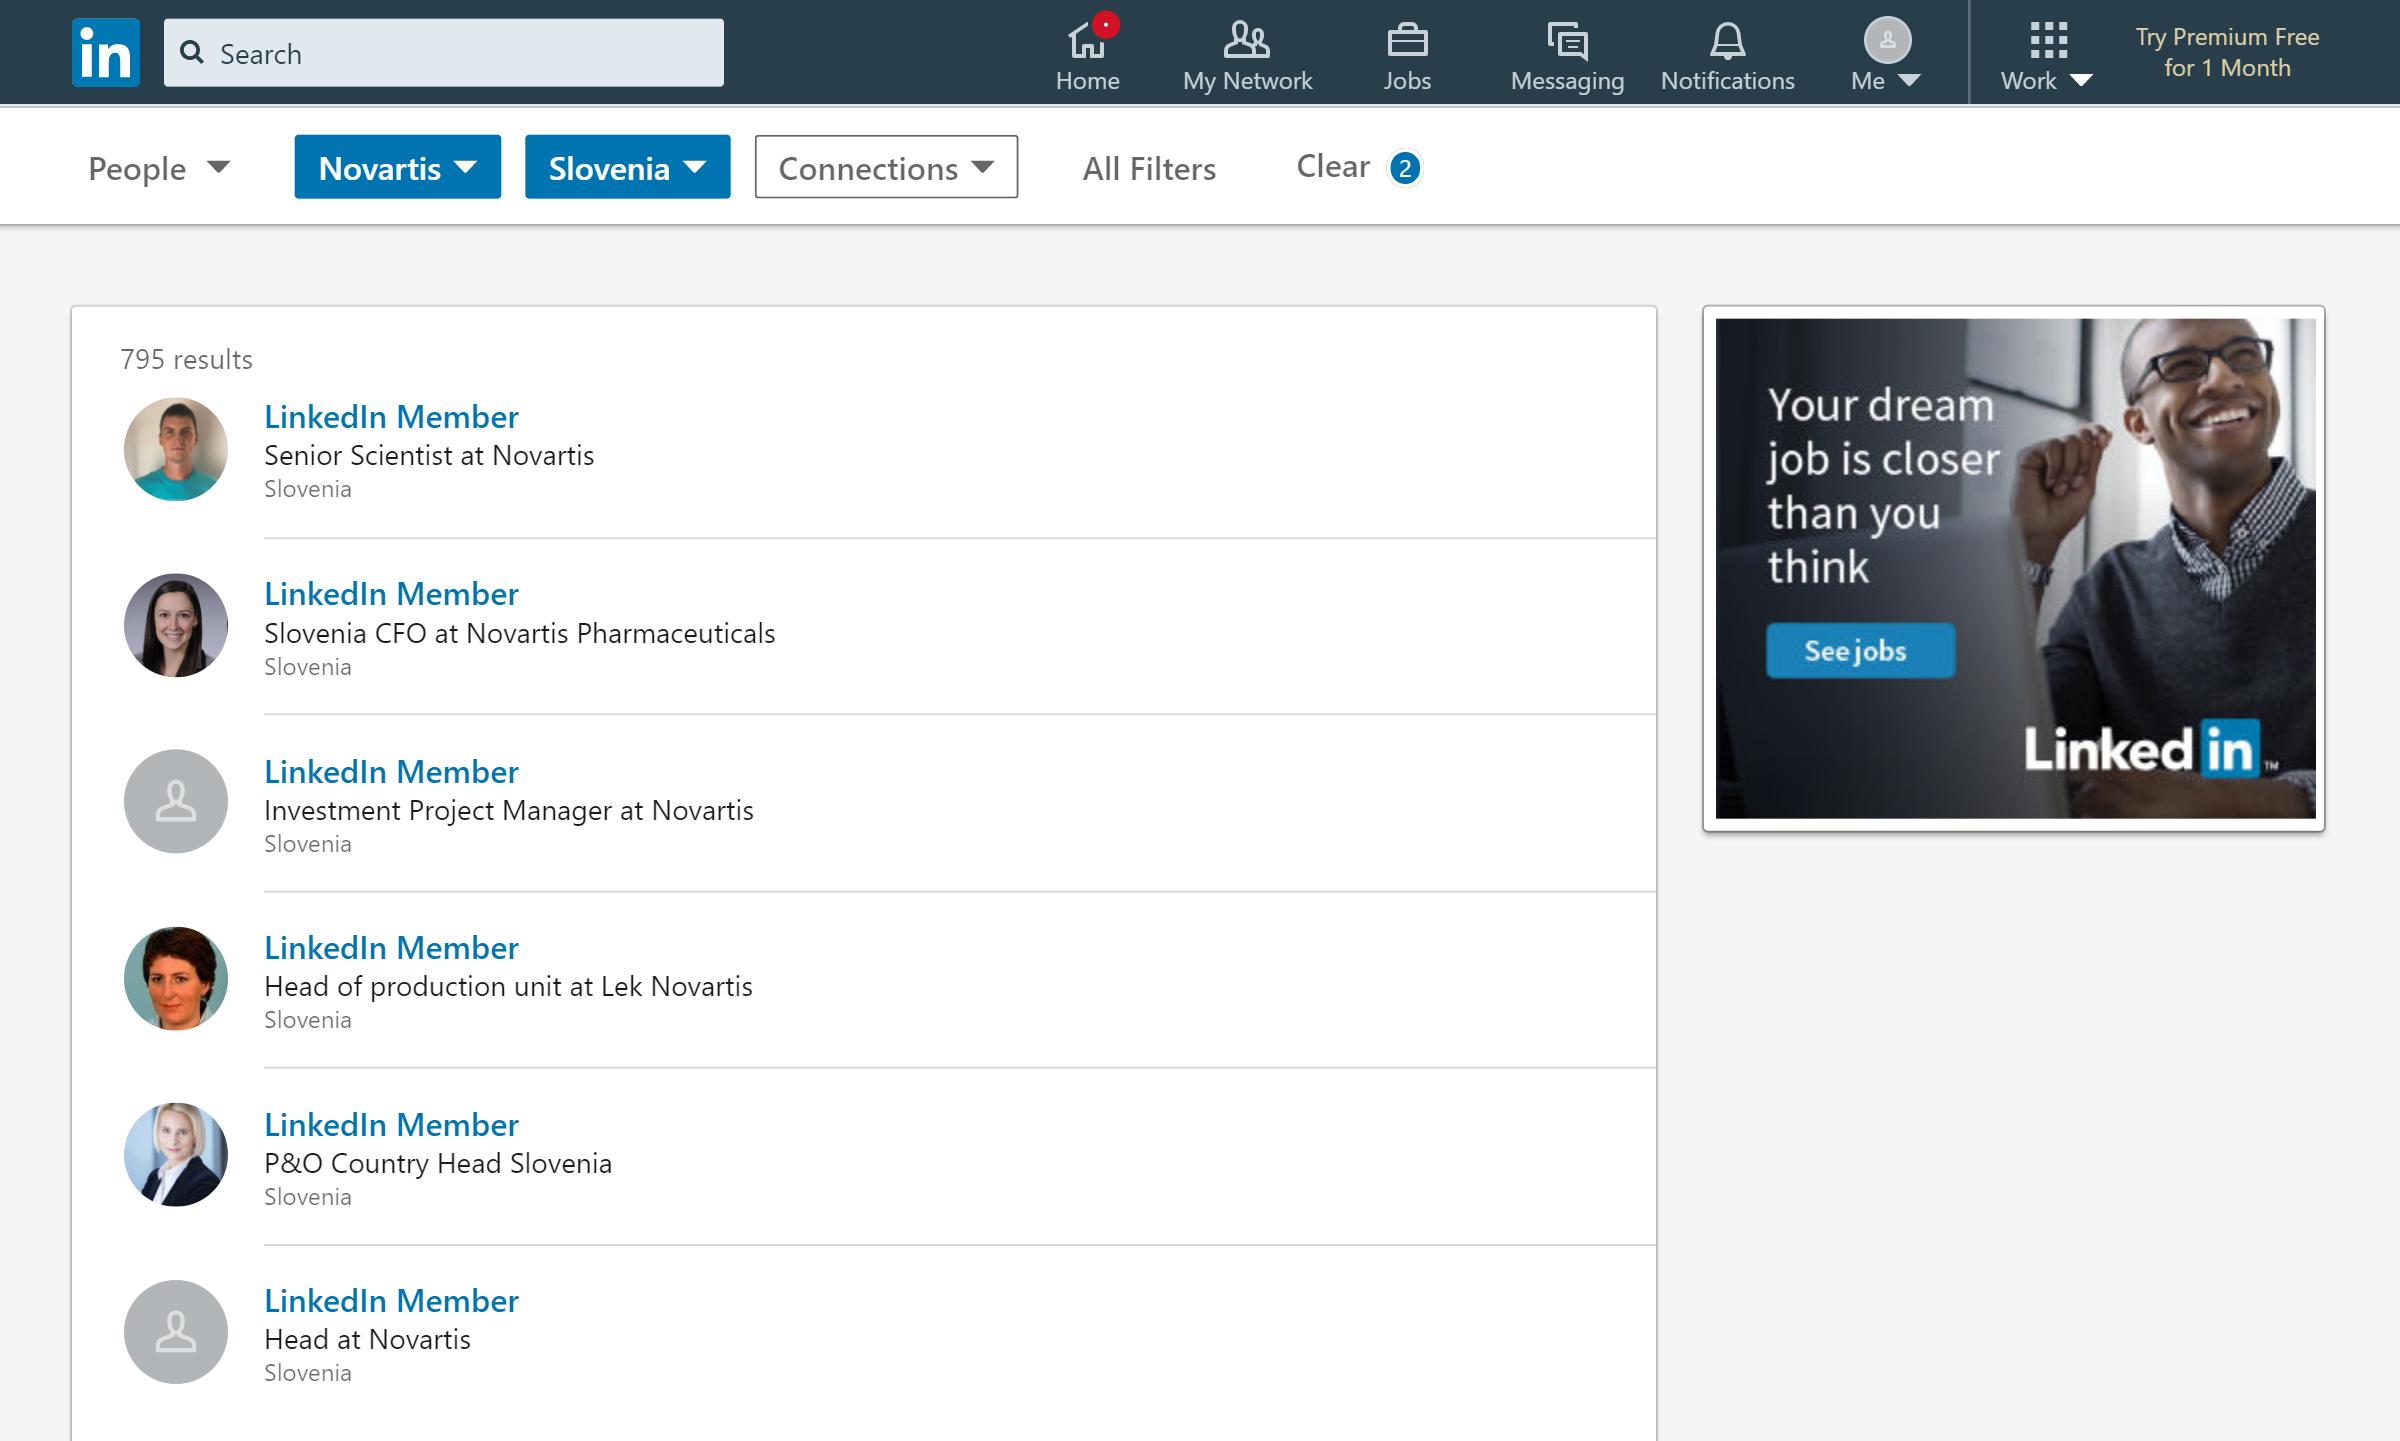 «Линкед-ин» покажет всех работников компании, а вы с помощью фильтров сможете выбрать тех, кто вам интересен. Иногда имя и фамилия не отображаются, и войти в профиль человека невозможно. Это значит, что пользователь находится за третьим кругом контактов или скрыл профиль настройками приватности